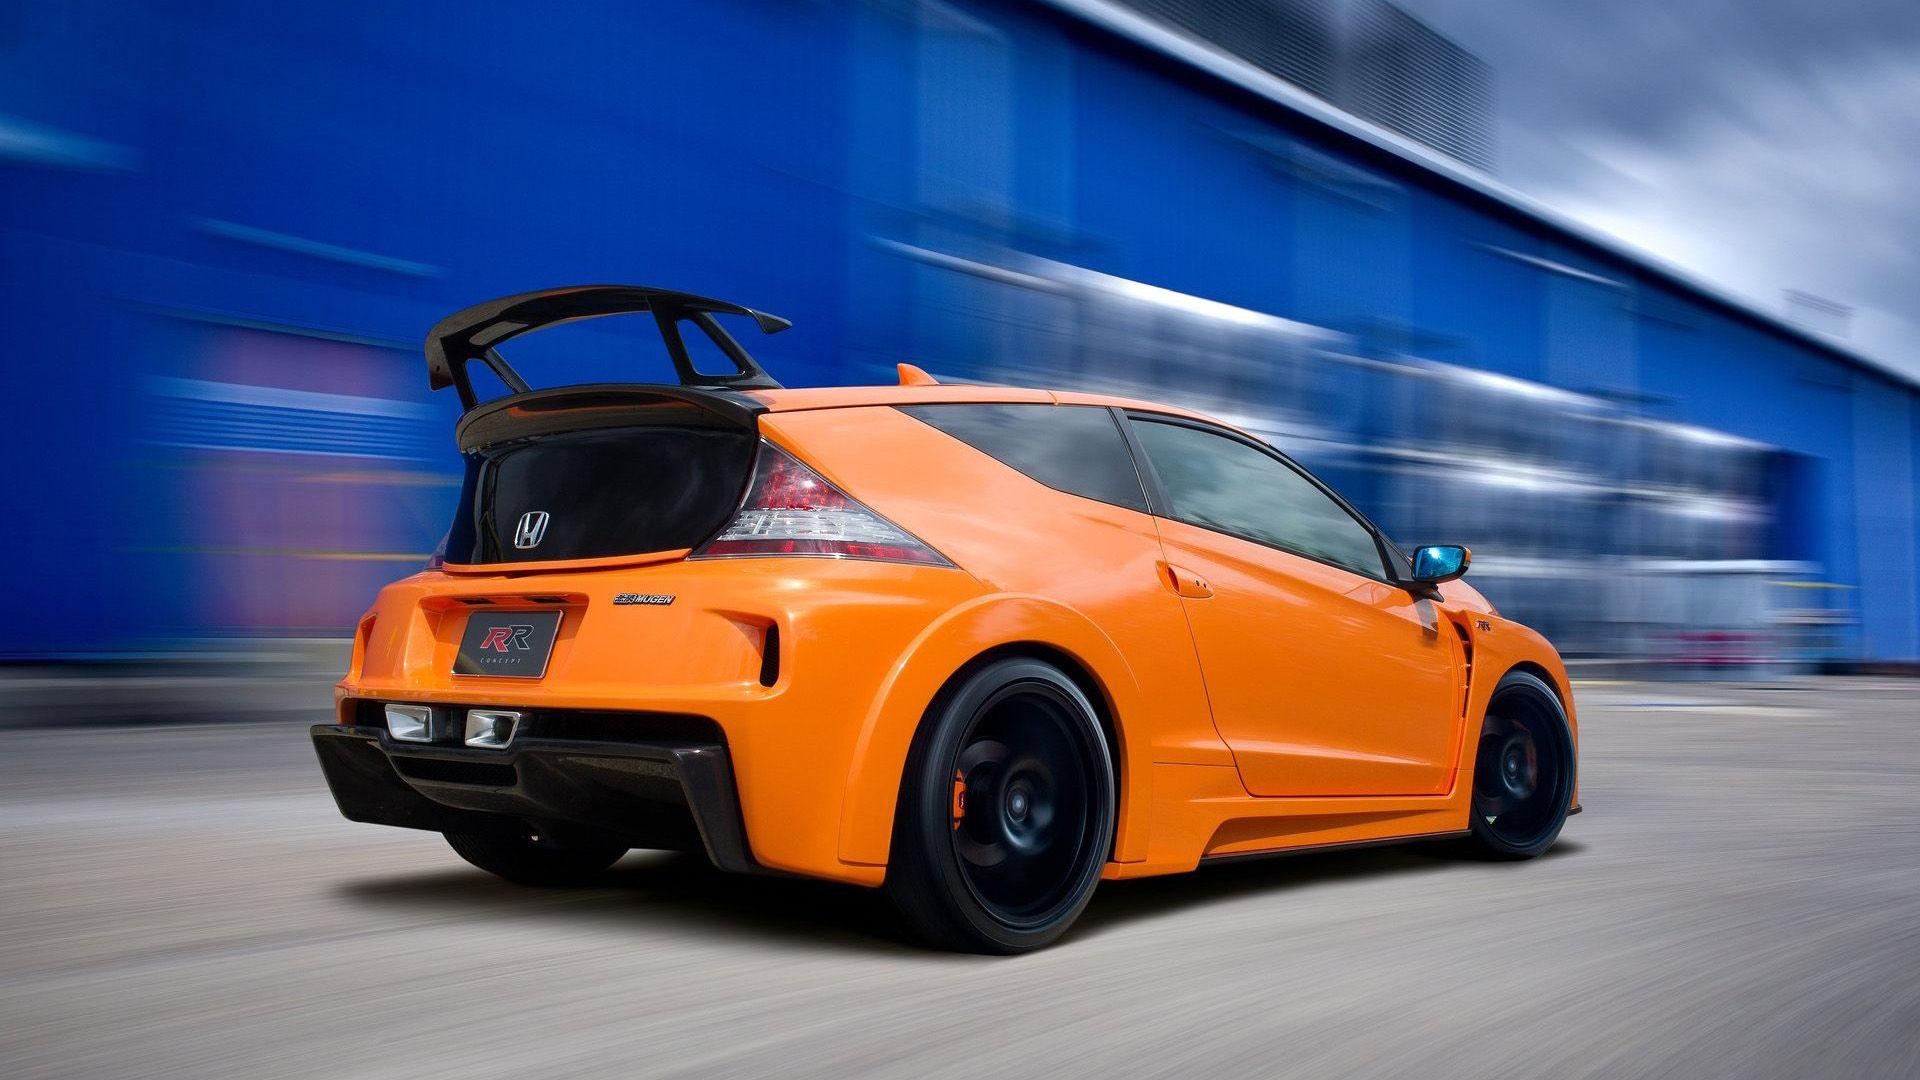 2011 Honda CR-Z Mugen RR Concept